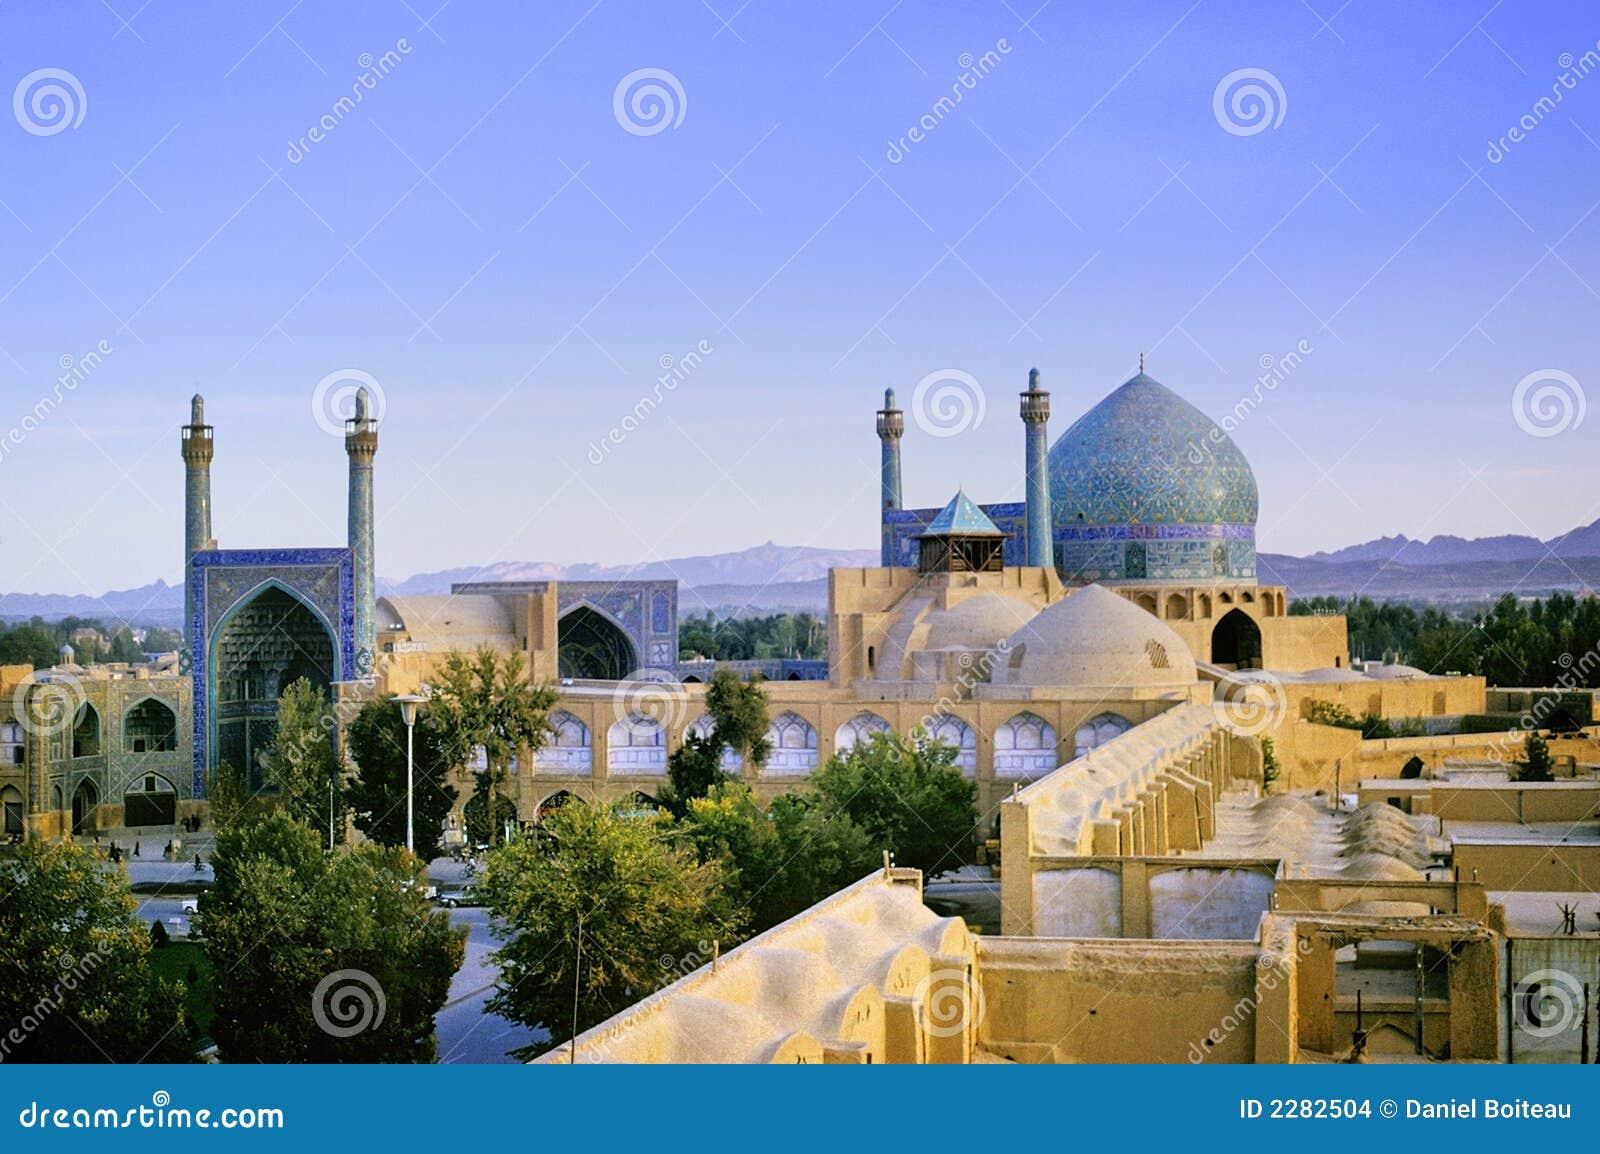 伊斯法罕清真寺